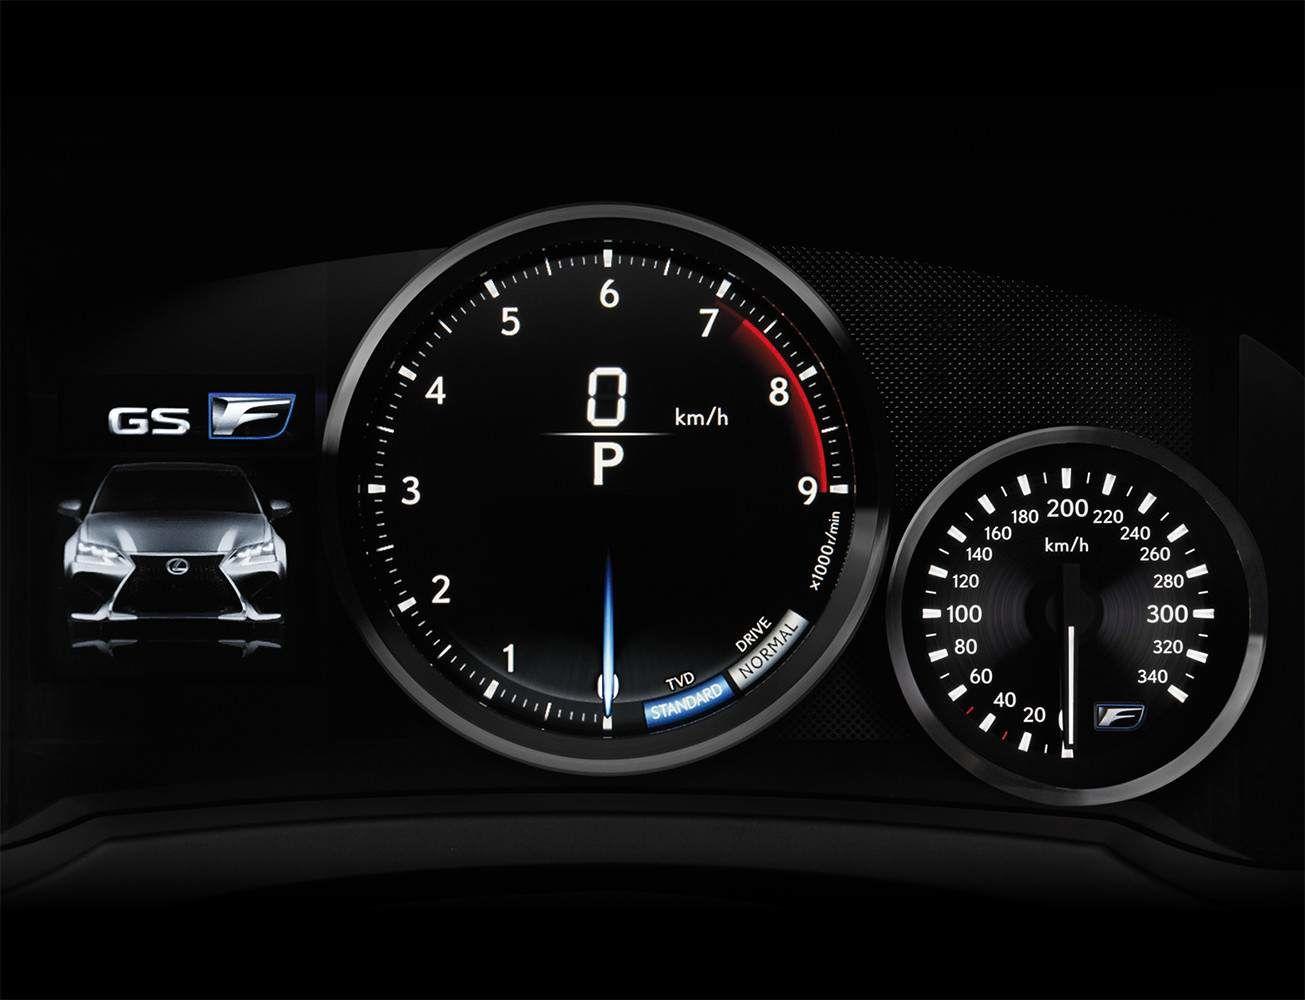 Lexus 2020 Gsf Interior Meter L